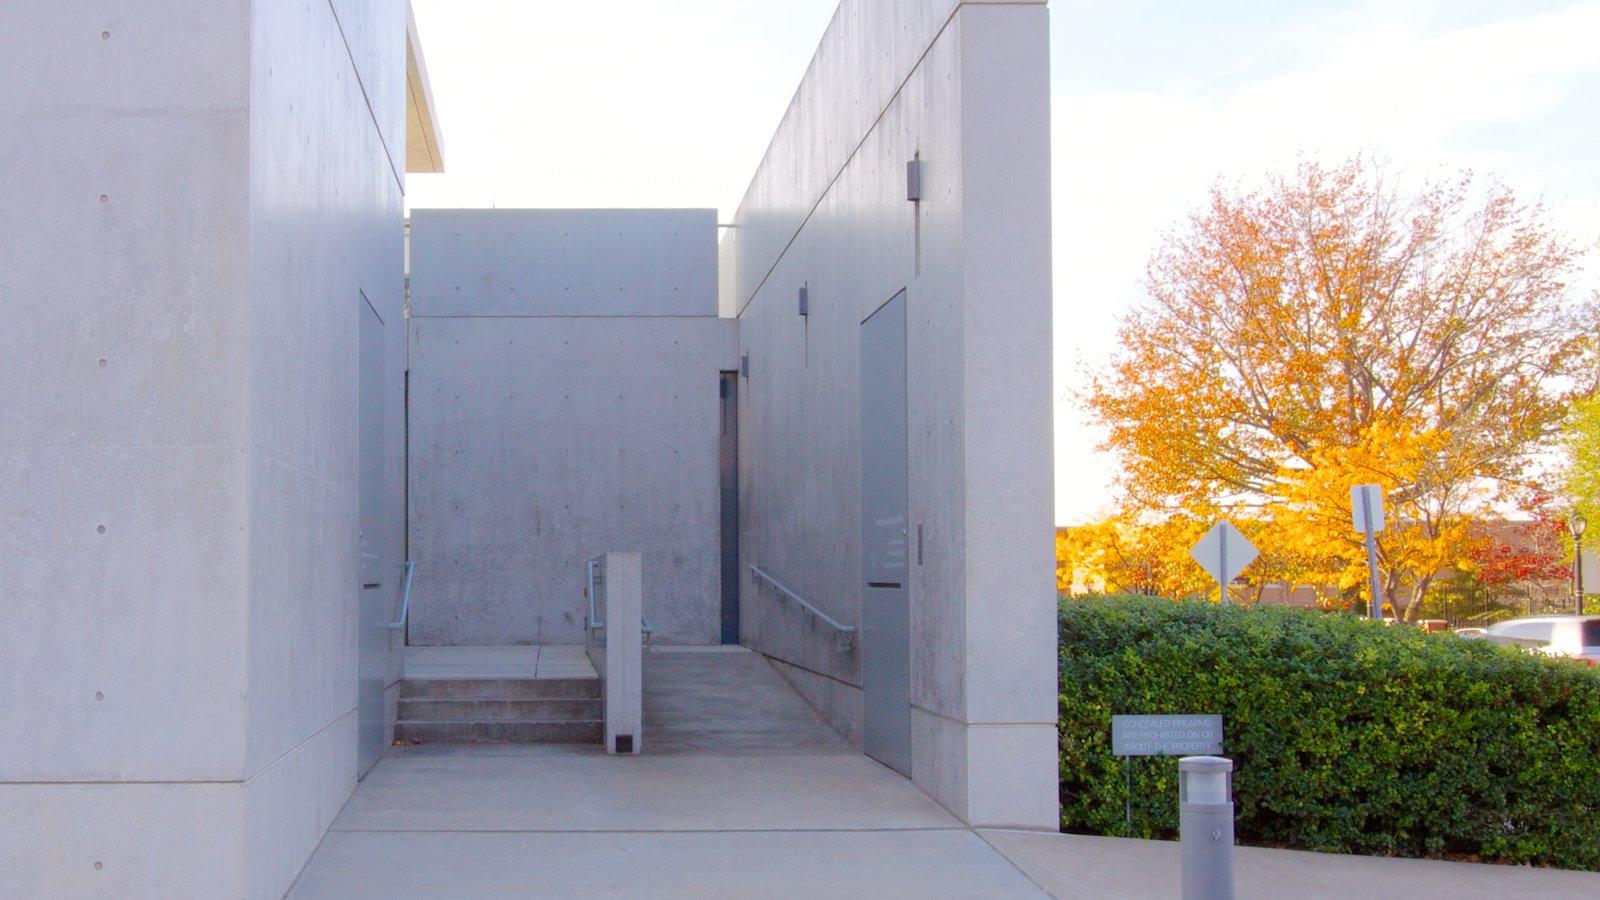 Pulitzer Foundation for the Arts caracterizando arquitetura moderna e arte